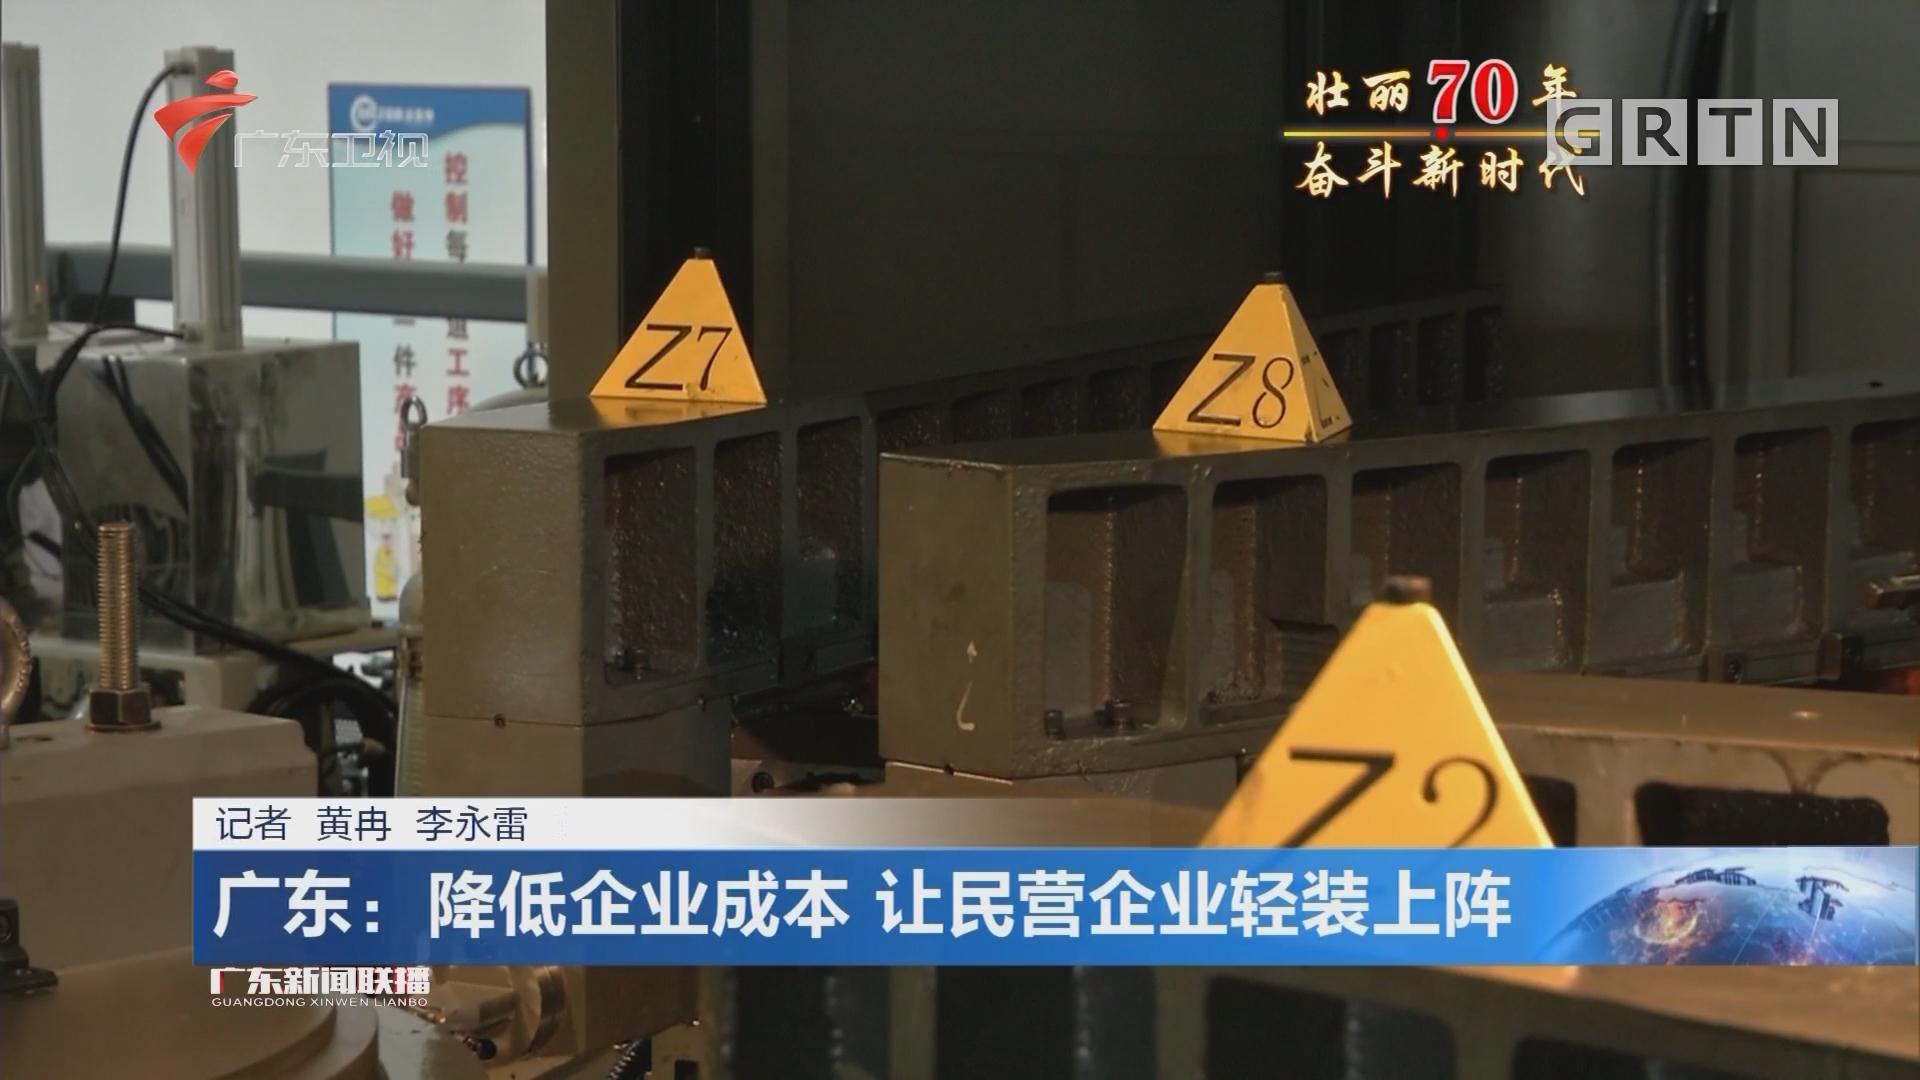 广东:降低企业成本 让民营企业轻装上阵